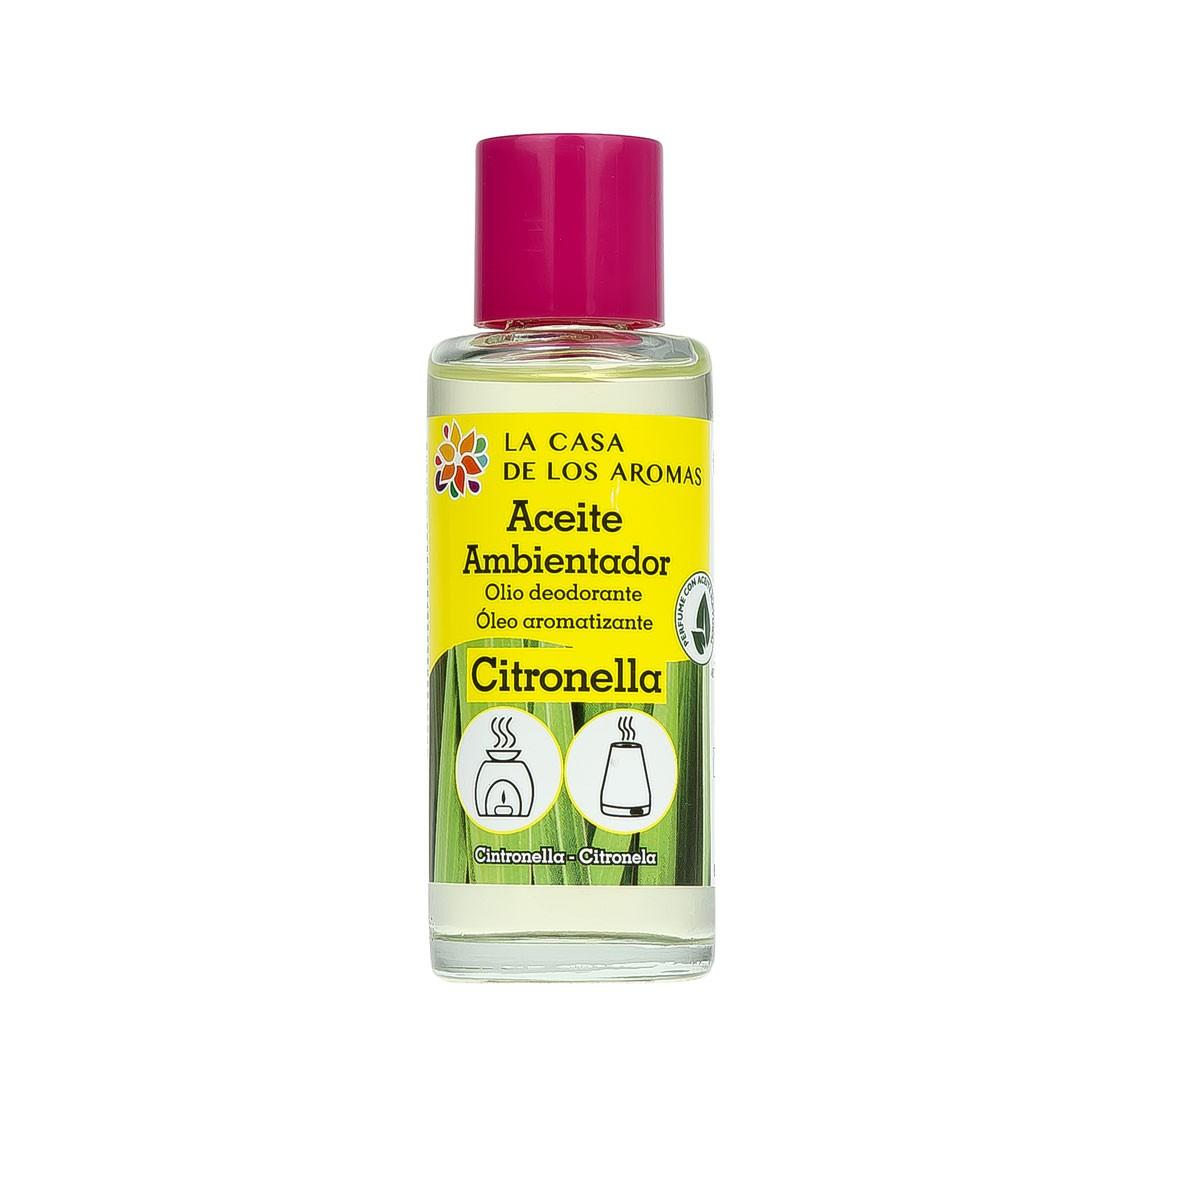 Aceite Esencial Ambientador Citronela 55ml